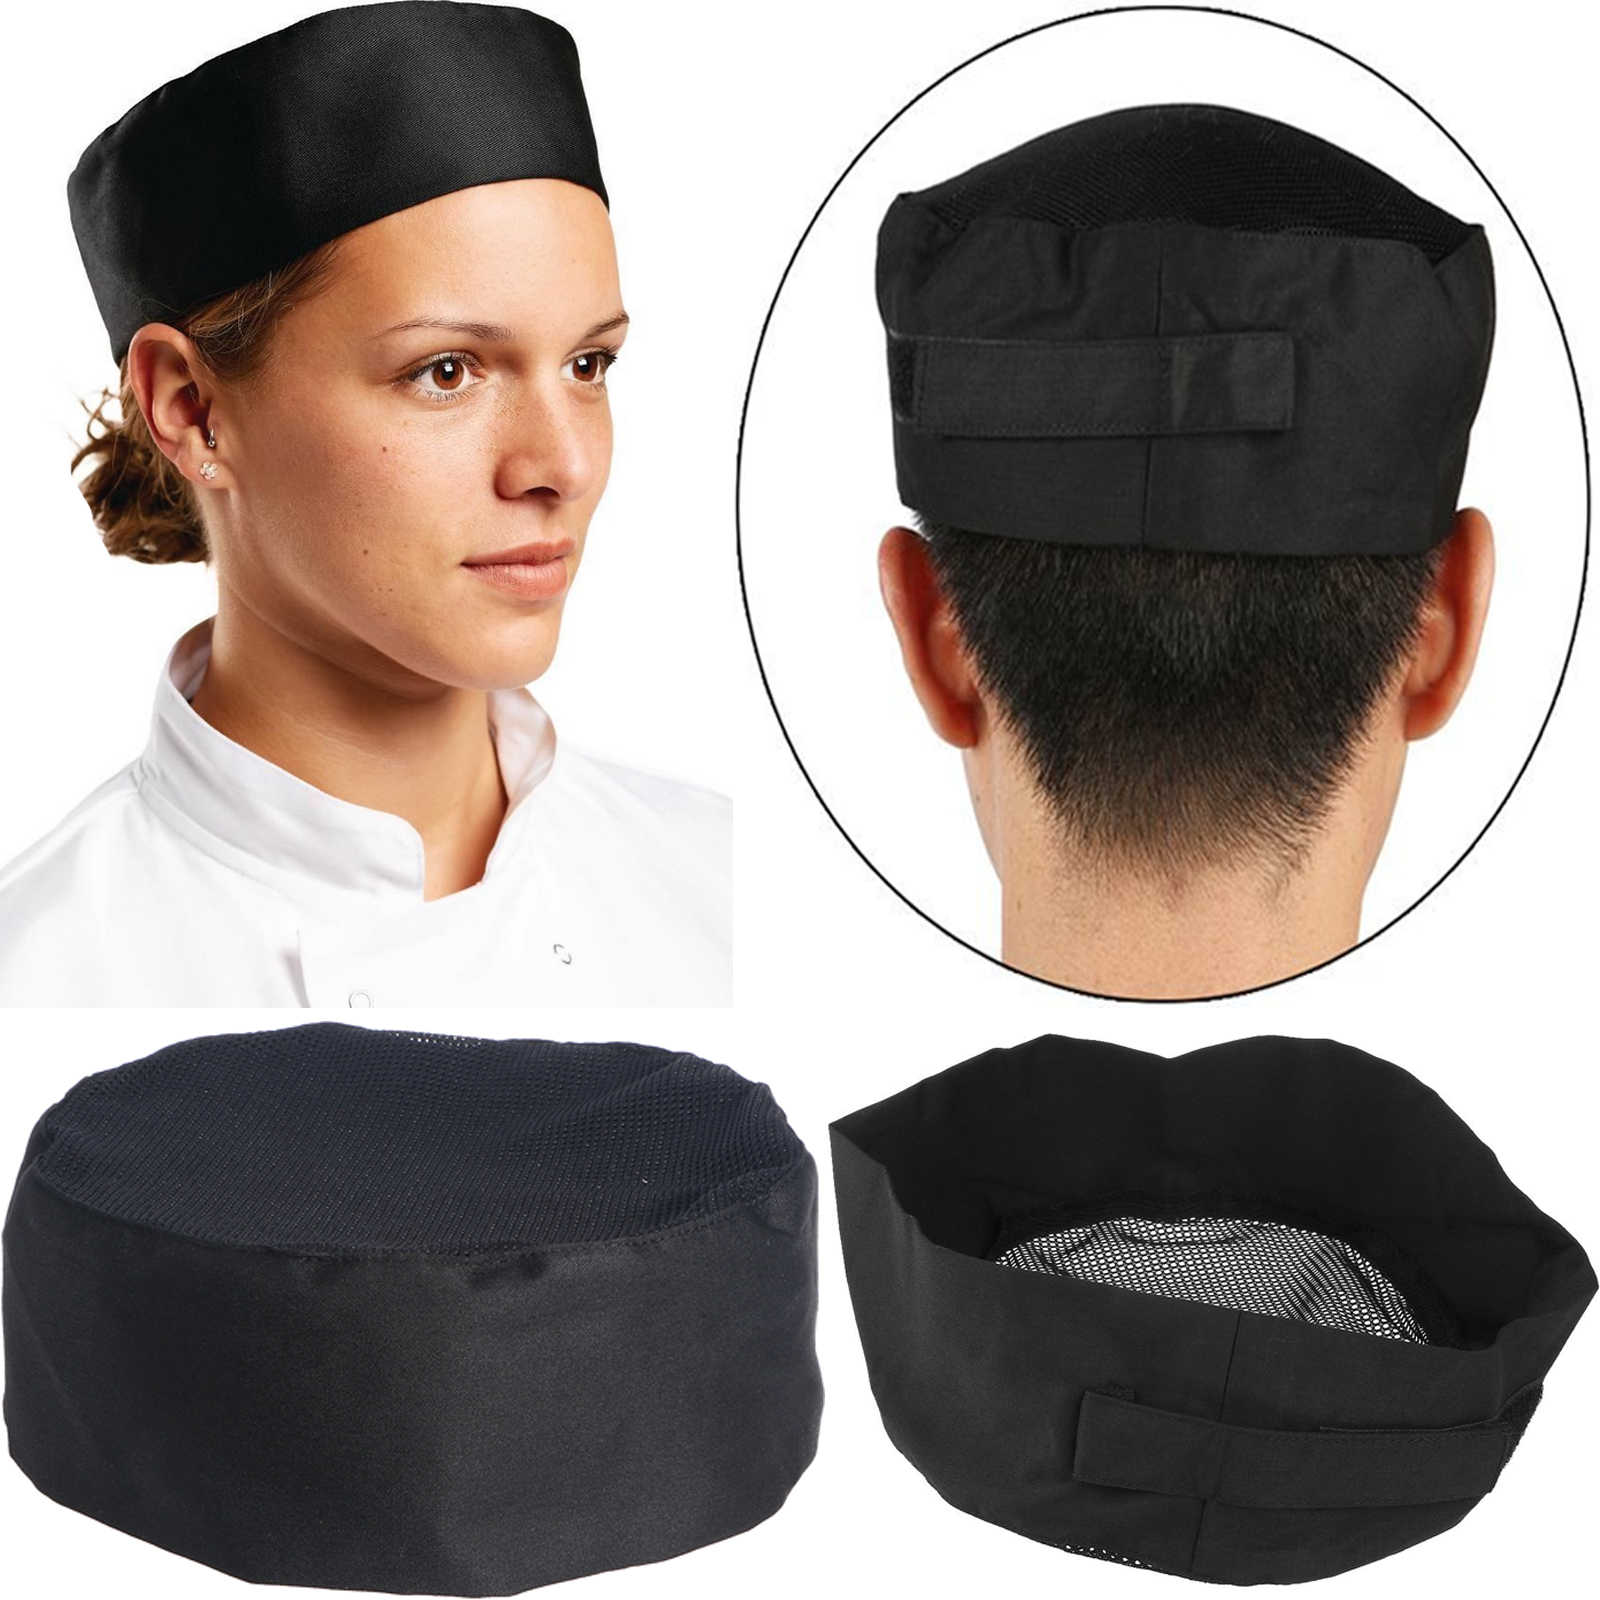 Chef Hat Adult Adjustable Baker Kitchen Cooking Chef Cap Chef Work Cap Pirate Chef Cap Kitchen Gadgets